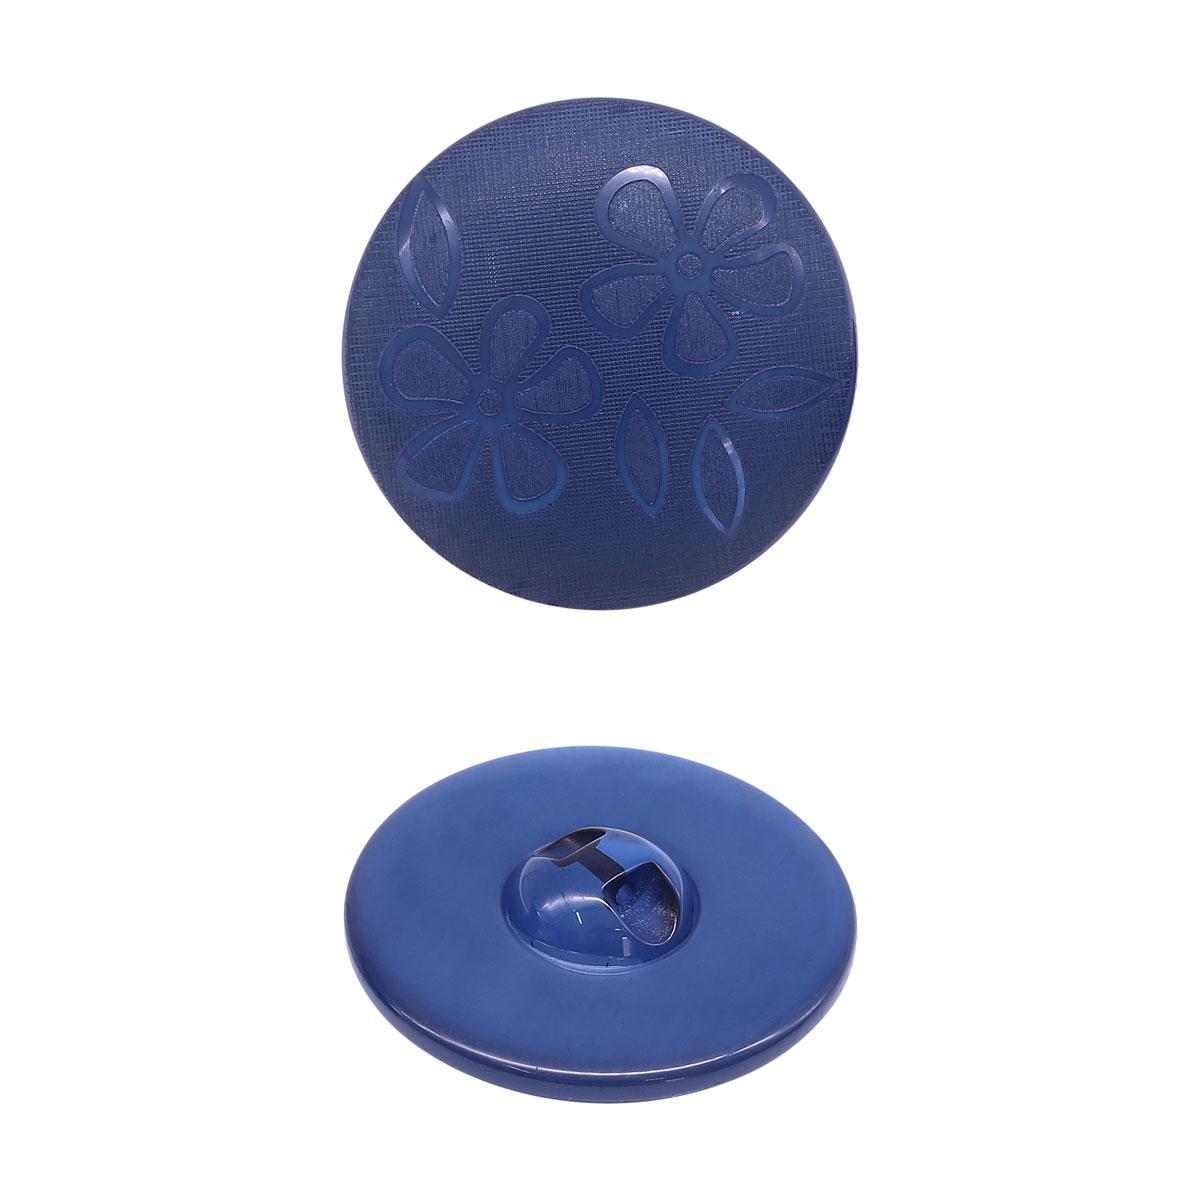 ГАН7452 Пуговица 34мм (919 синий)